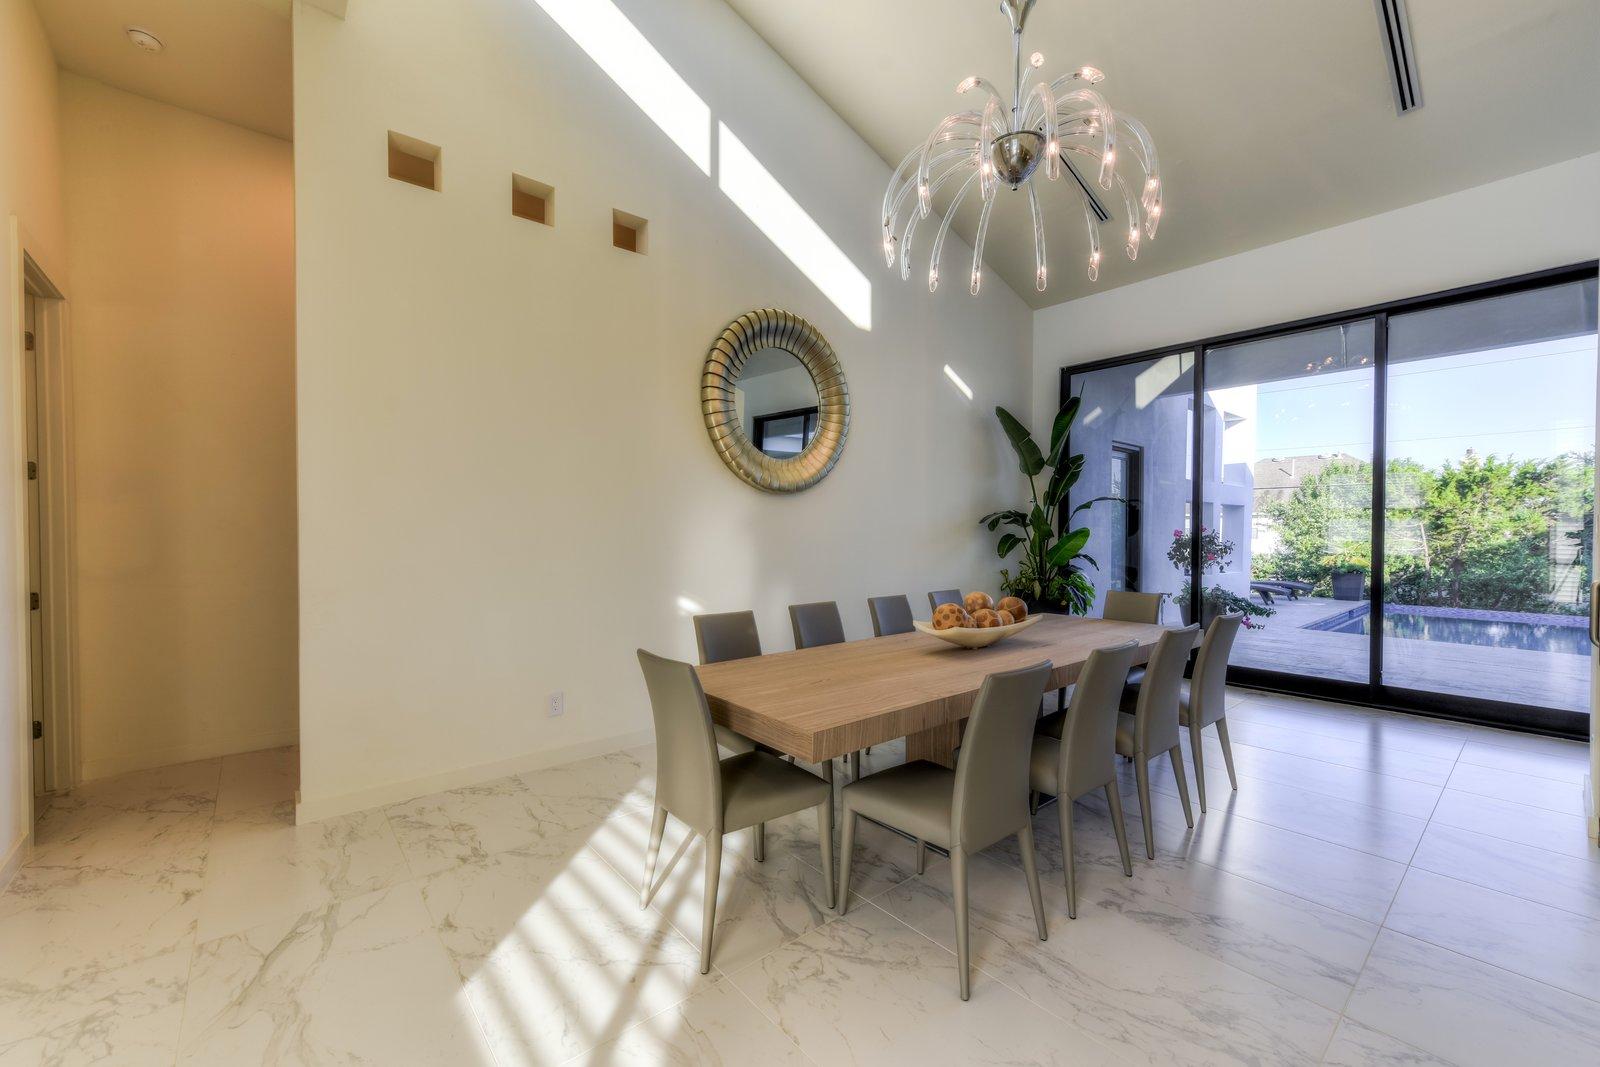 DINING ROOM  ORVANANOS HOUSE by OSCAR E FLORES DESIGN STUDIO